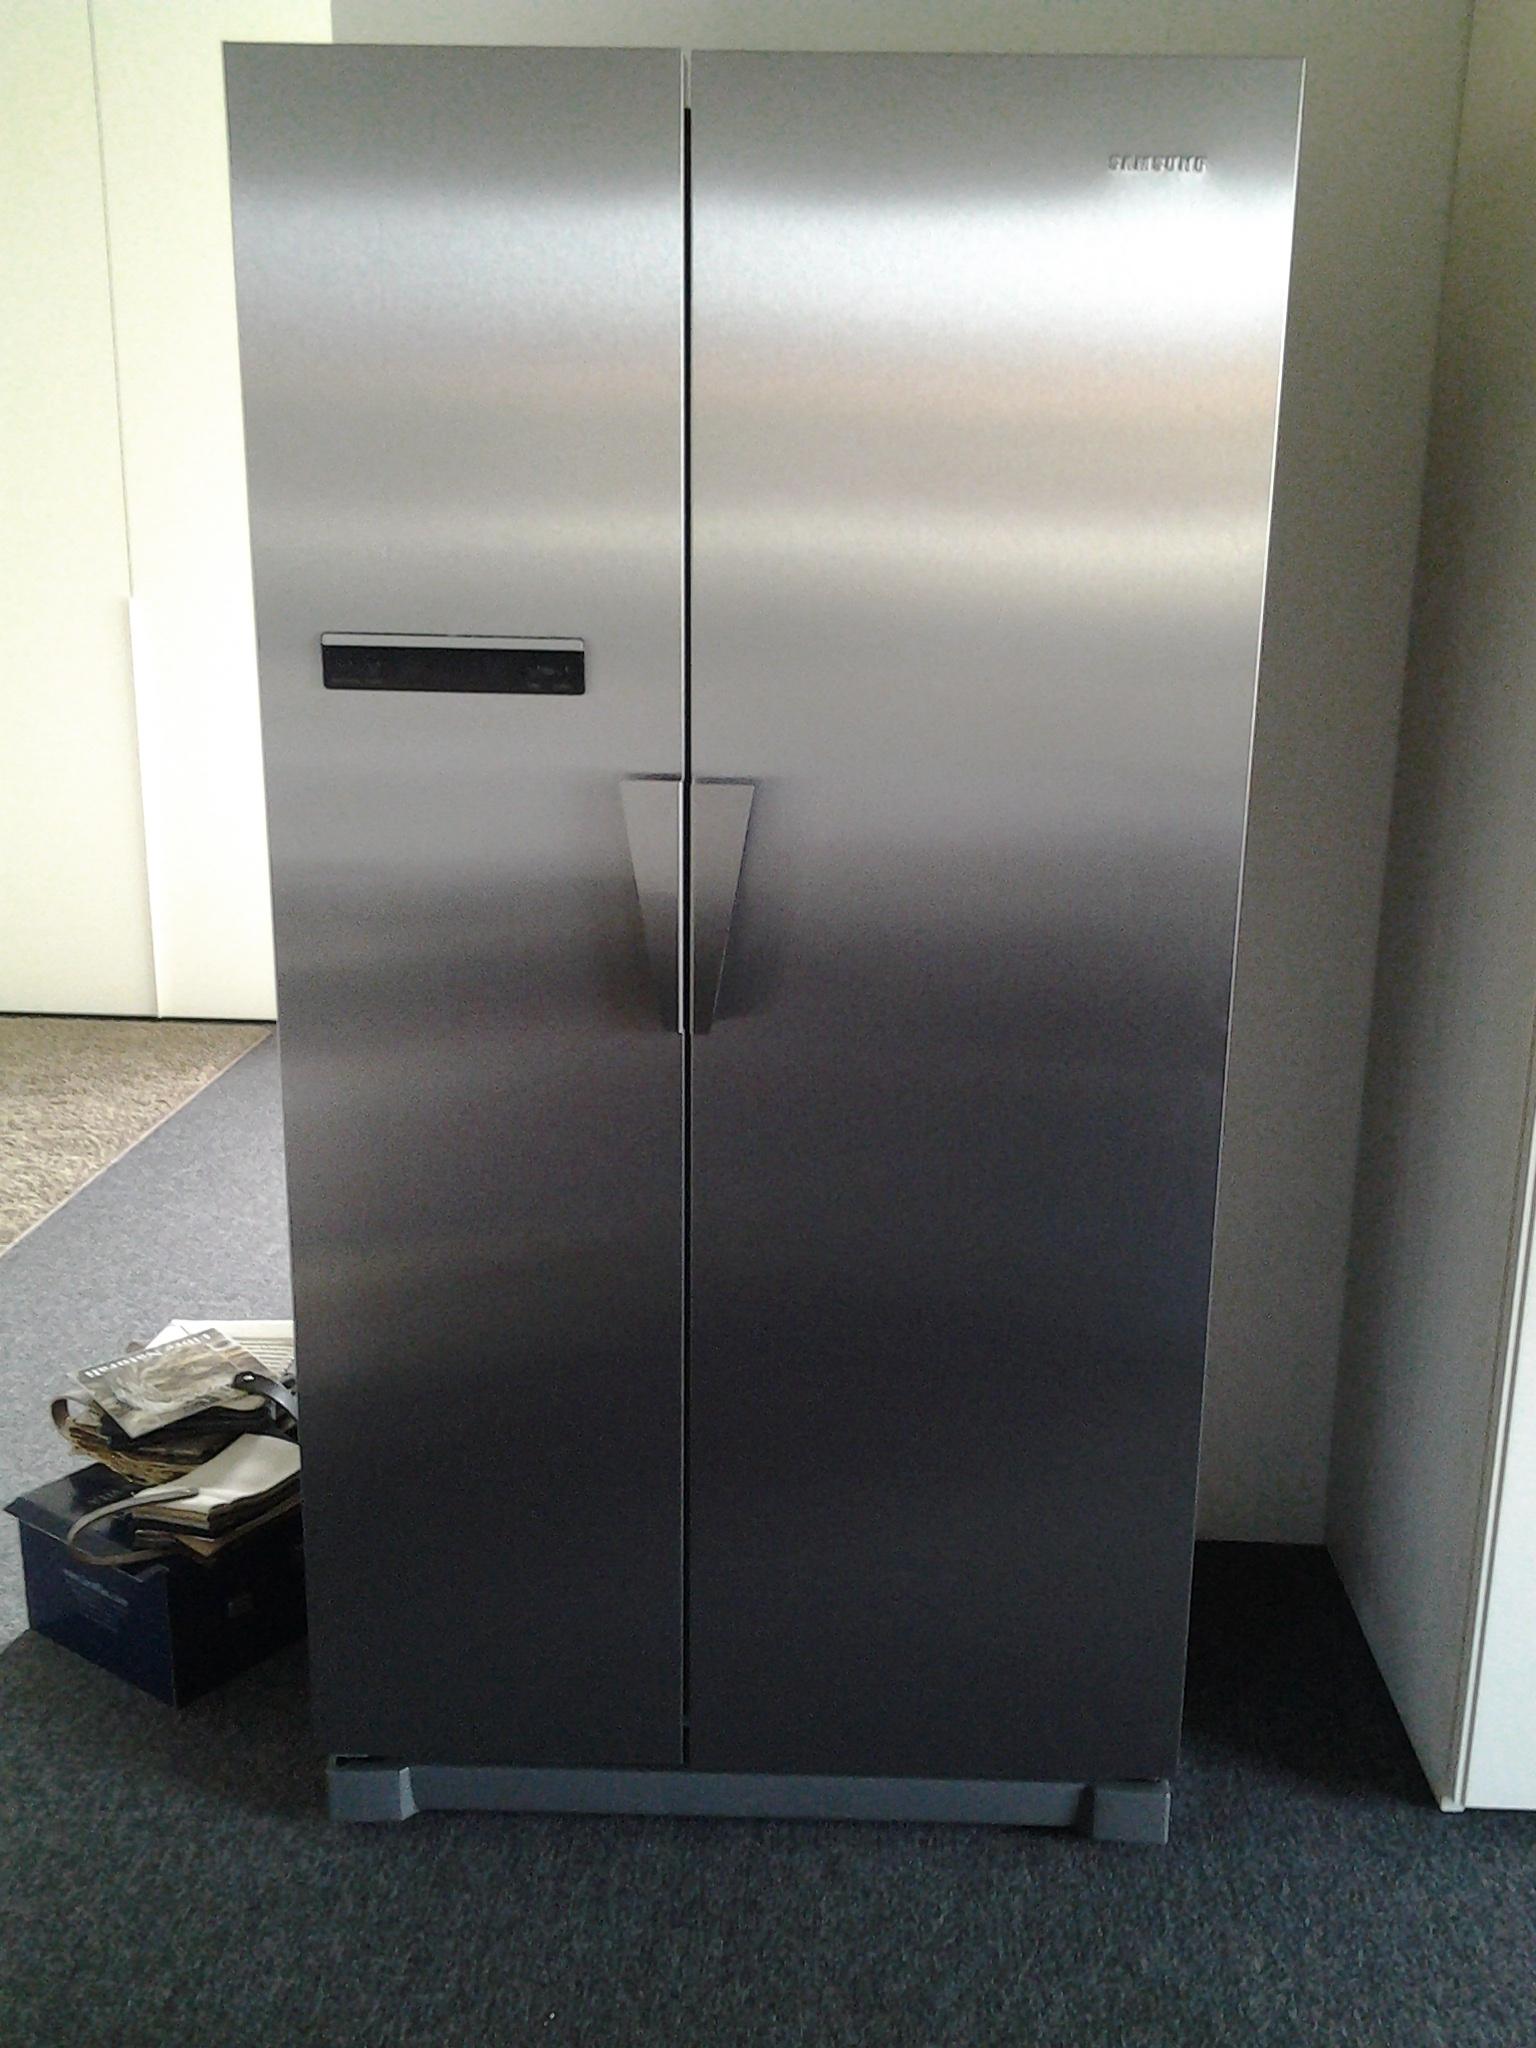 Prezzi elettrodomestici frigorifero in offerta